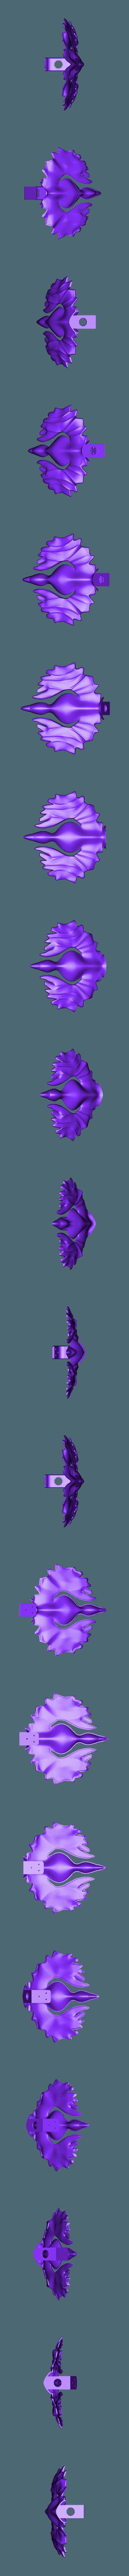 Body.stl Télécharger fichier STL gratuit Applique colombe • Modèle imprimable en 3D, micaldez